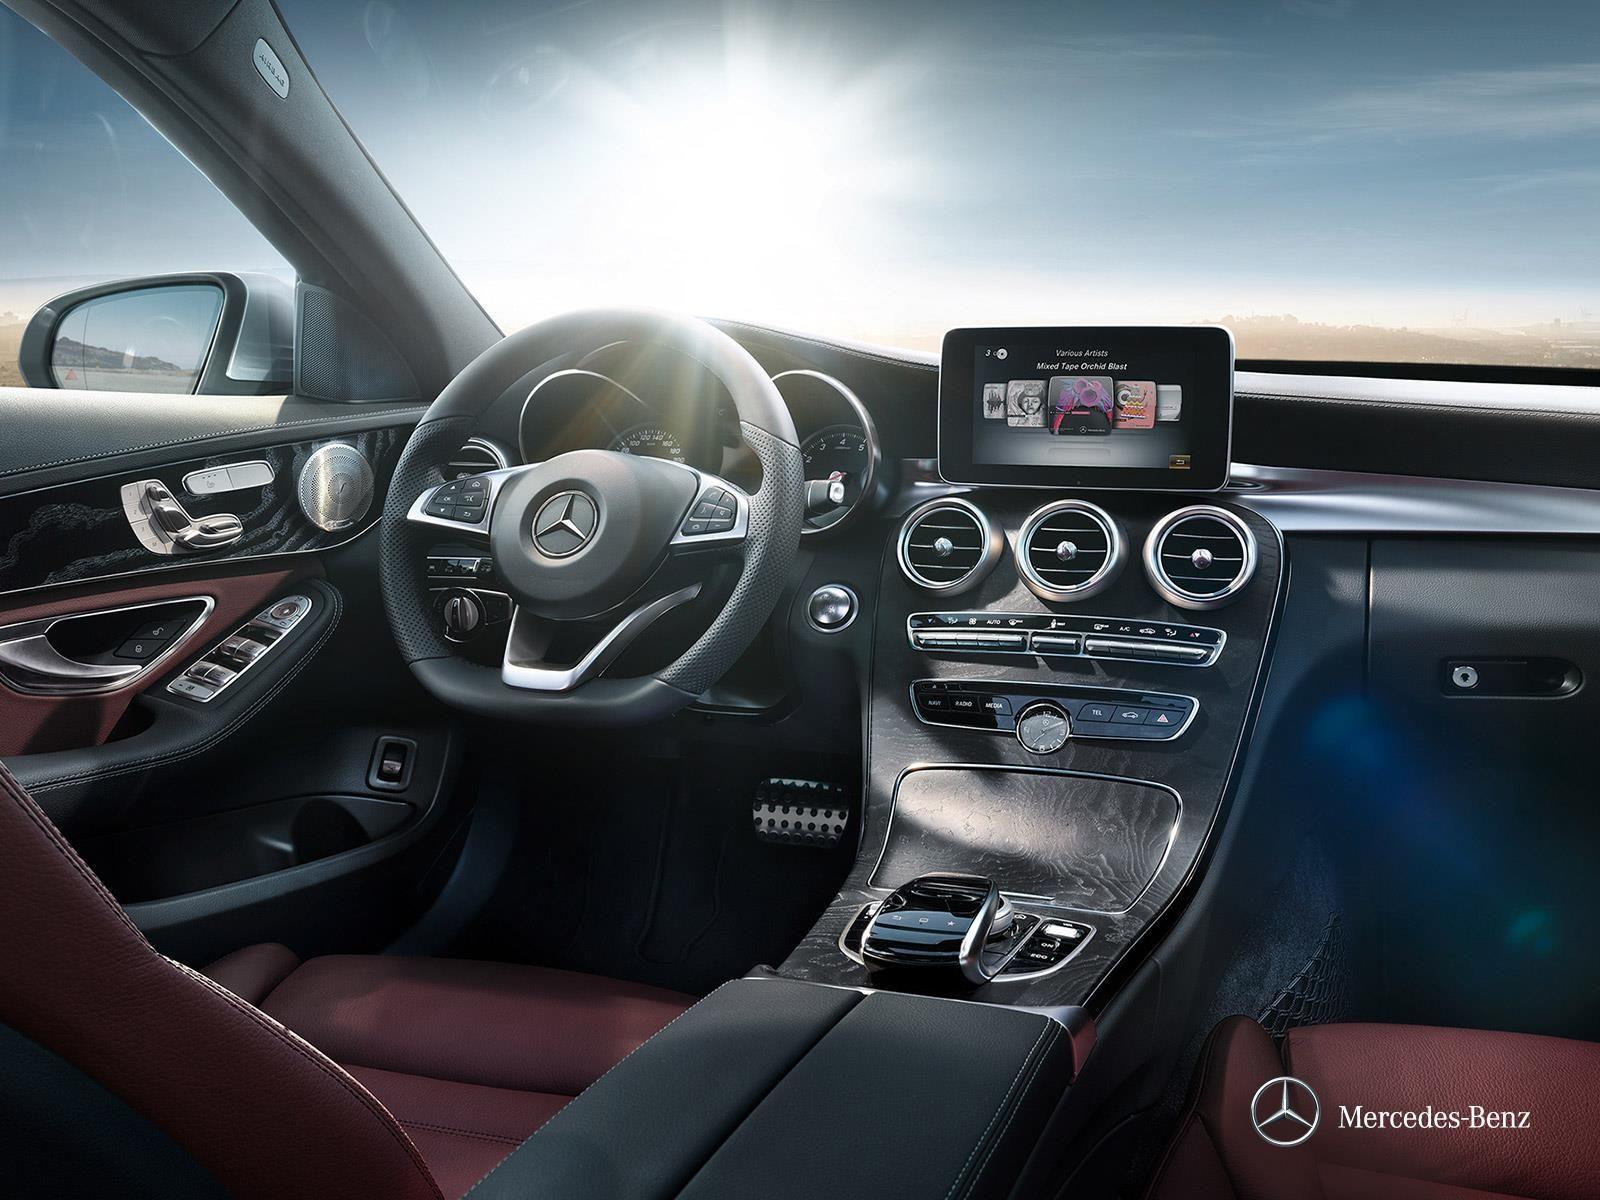 Mercedes Benz C Class 2015 C200 Fuel Consumption Combined